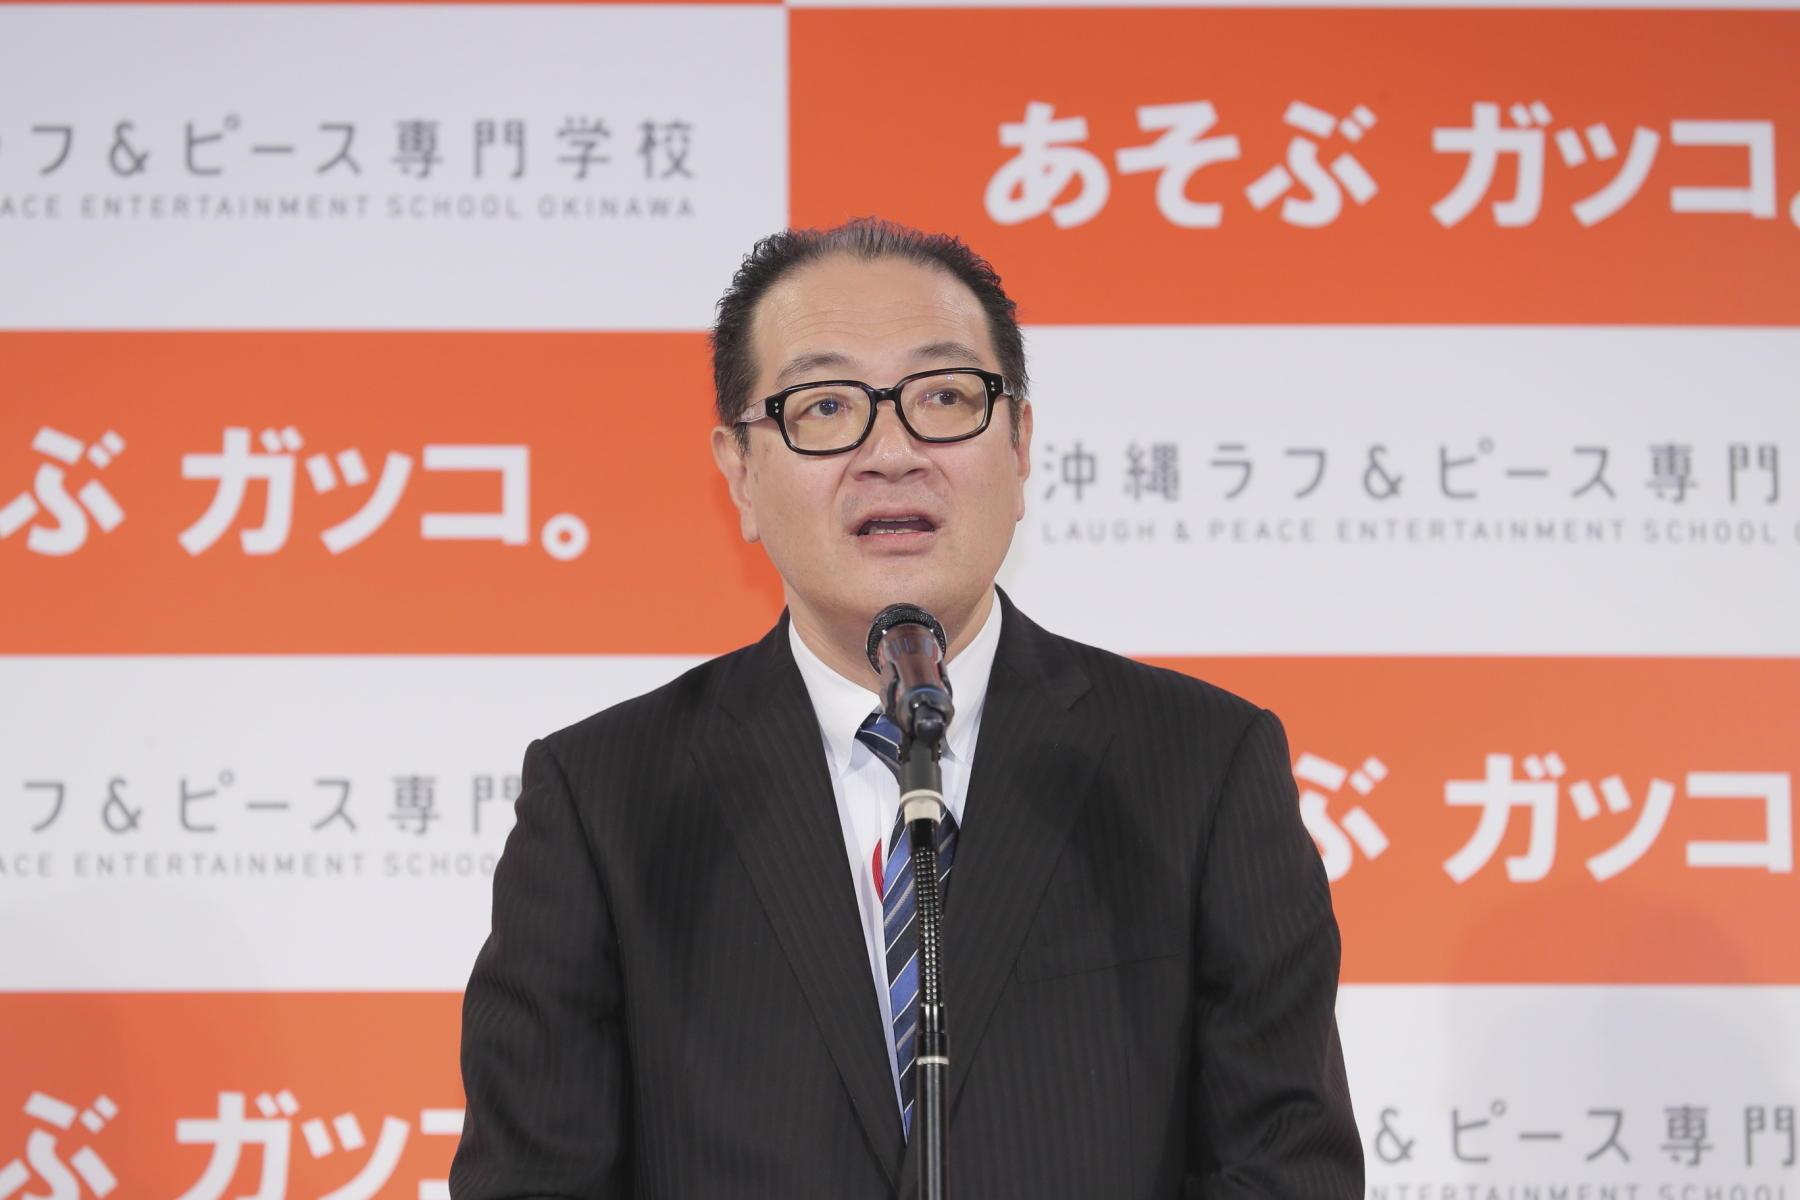 http://news.yoshimoto.co.jp/20171006102042-af047e5b6320a7c025fc828ae06ea67fdbb1b2f0.jpg